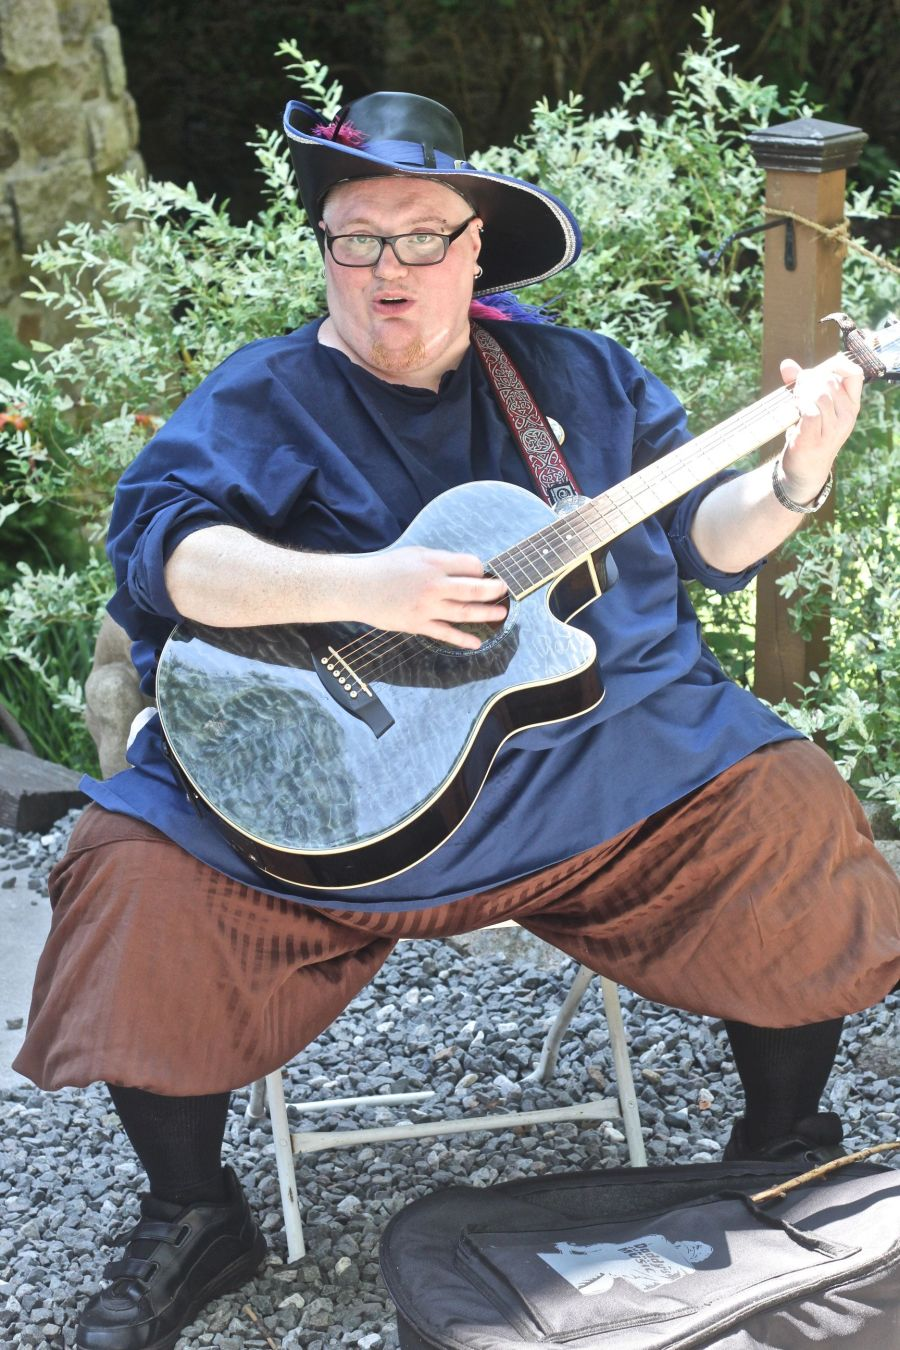 gloucester hammond castle renaissance fair man playing guitar